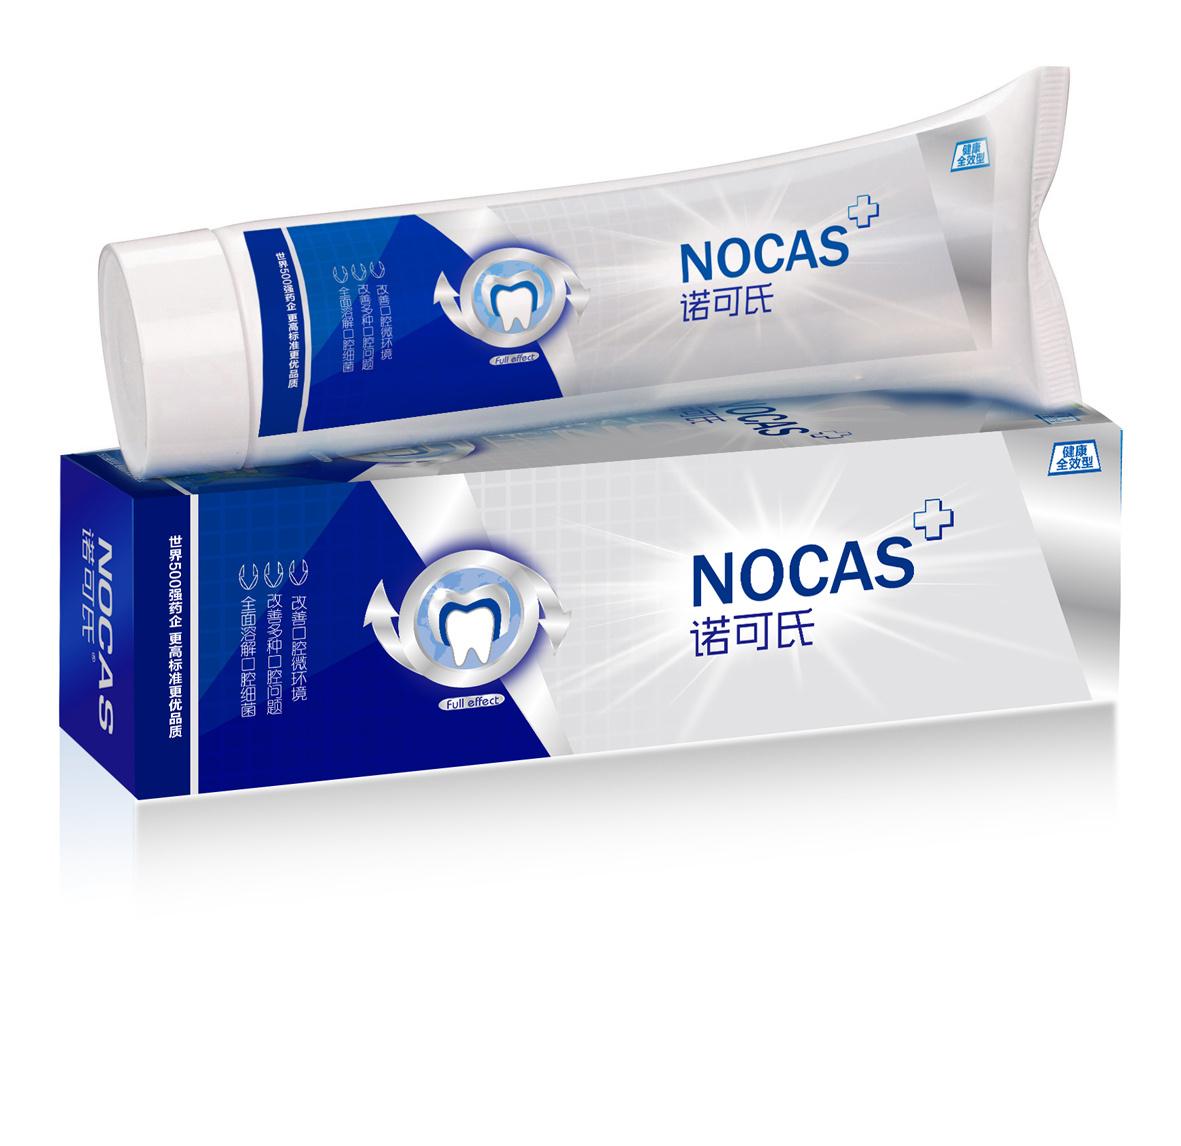 牙膏设计[郭包装][尔闻墨间]revit管道坡度的带绘制图片